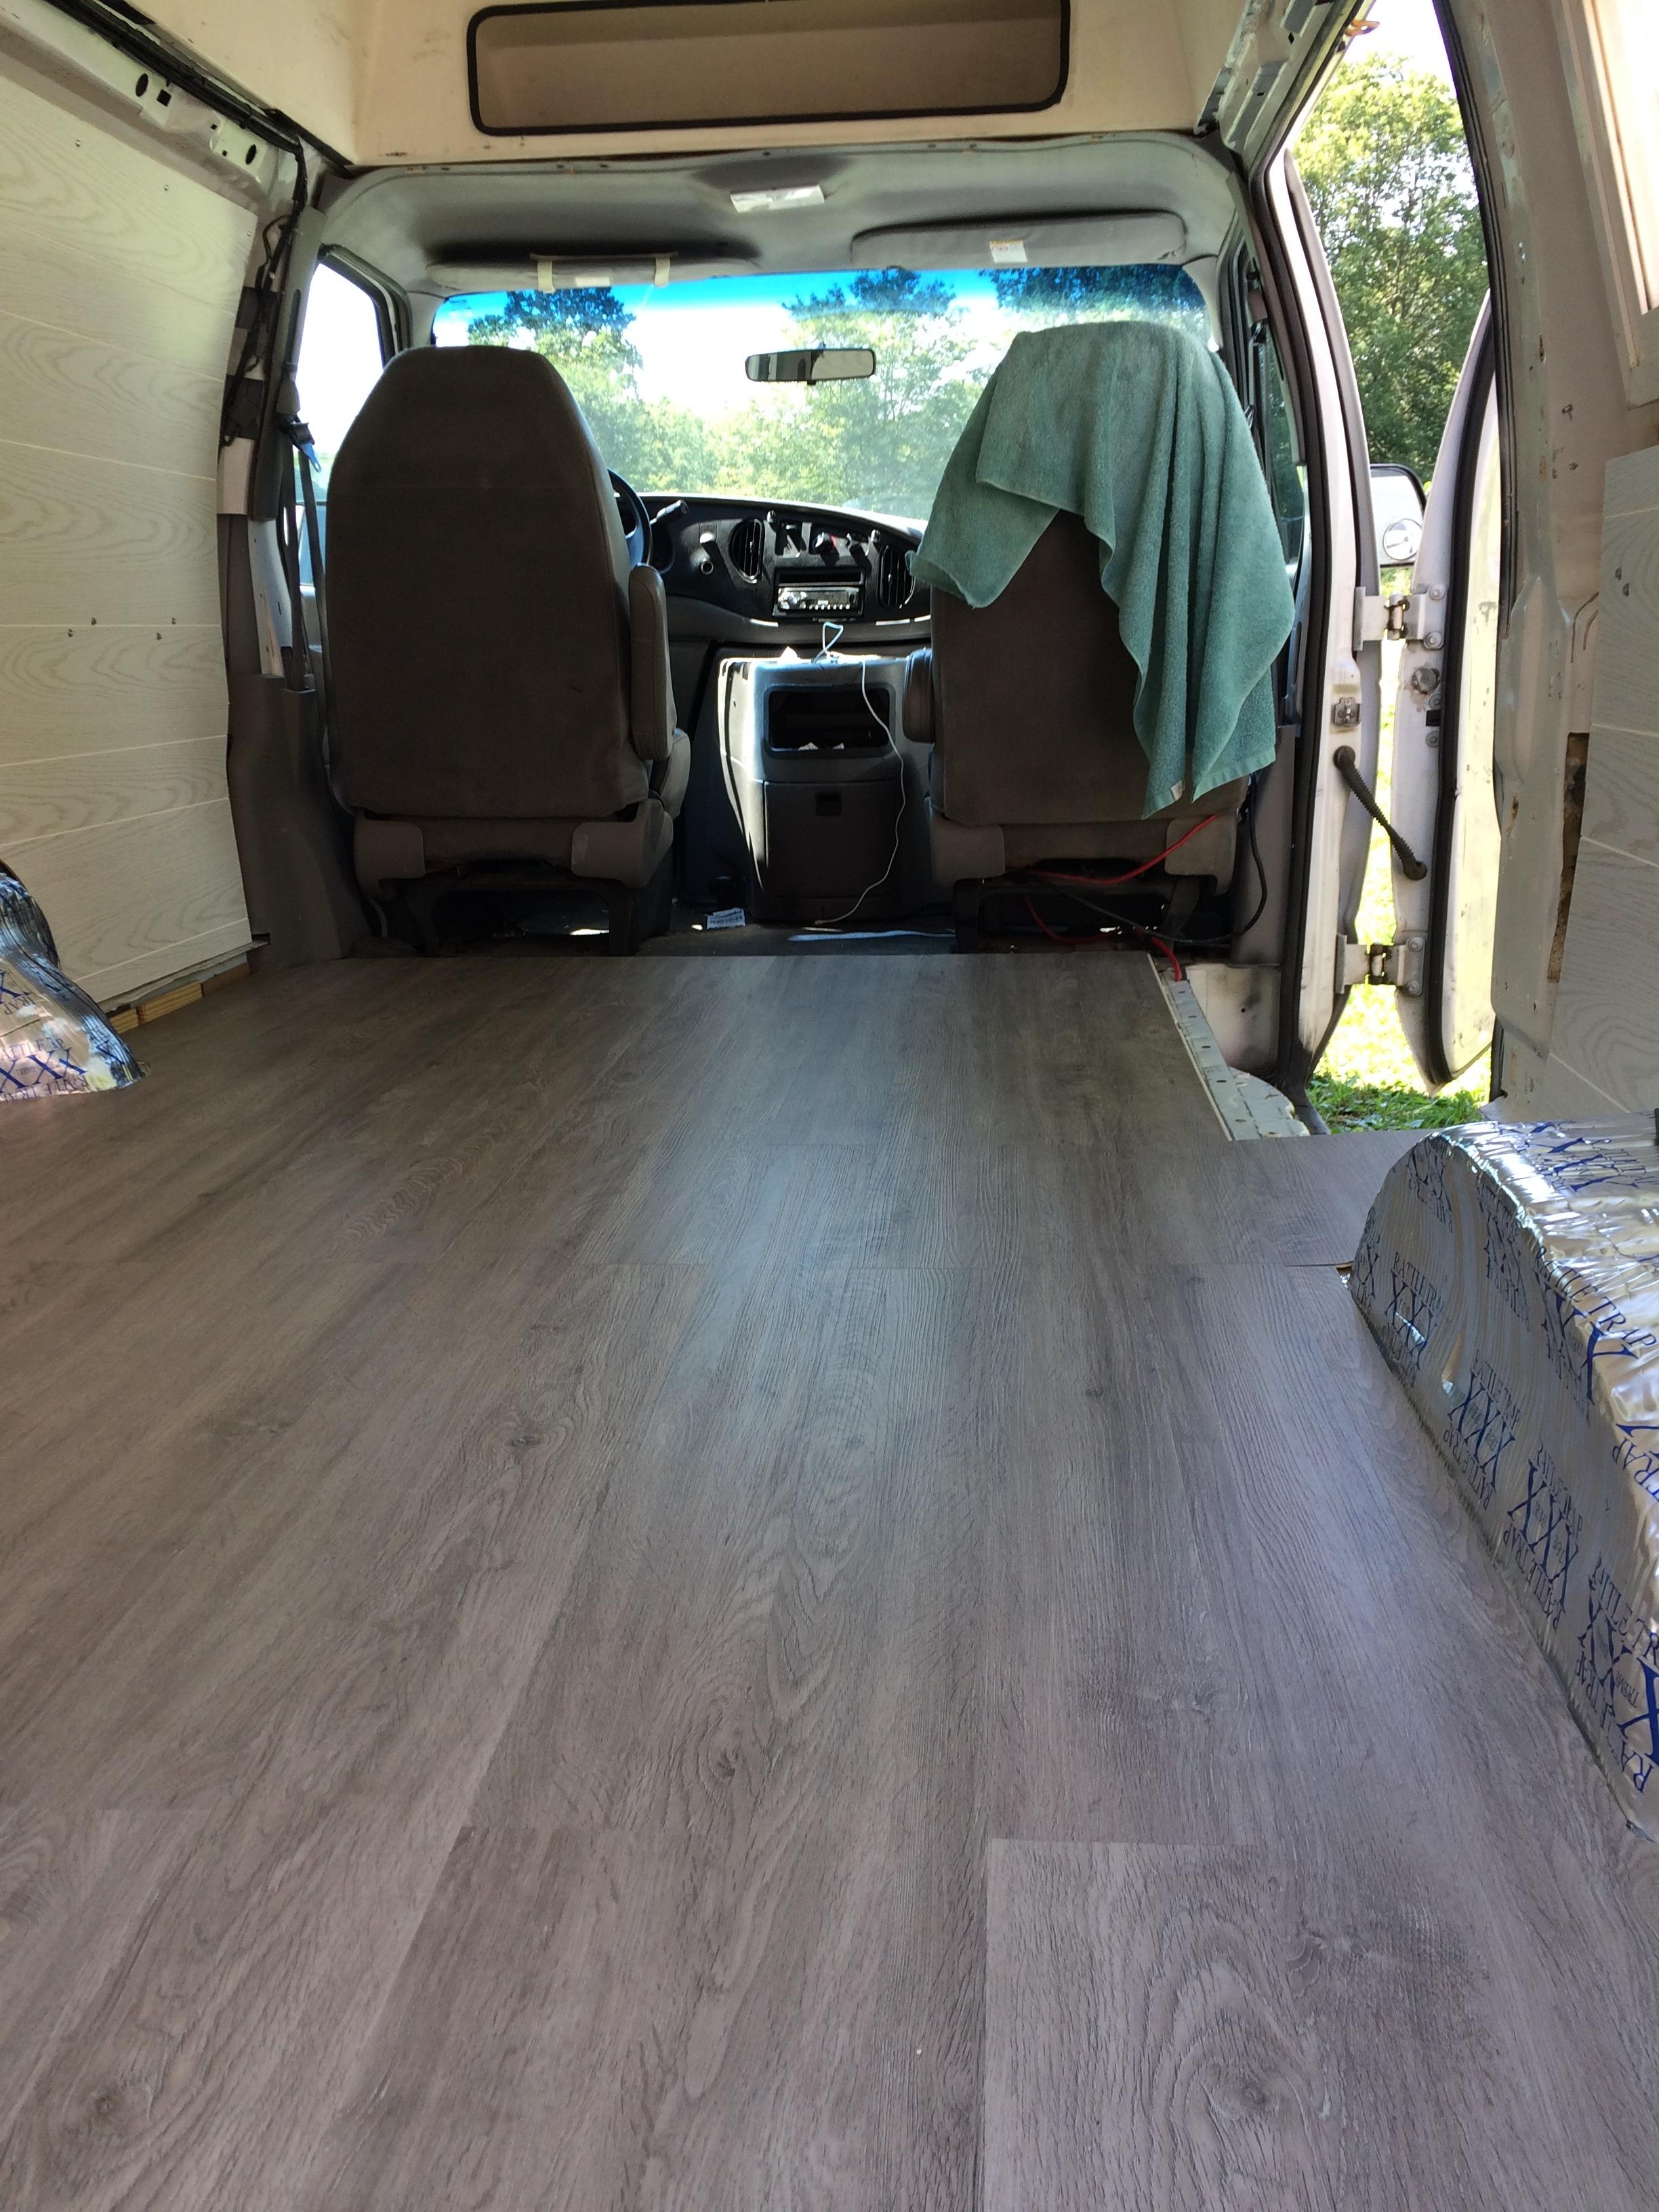 Floor From Rear.jpg